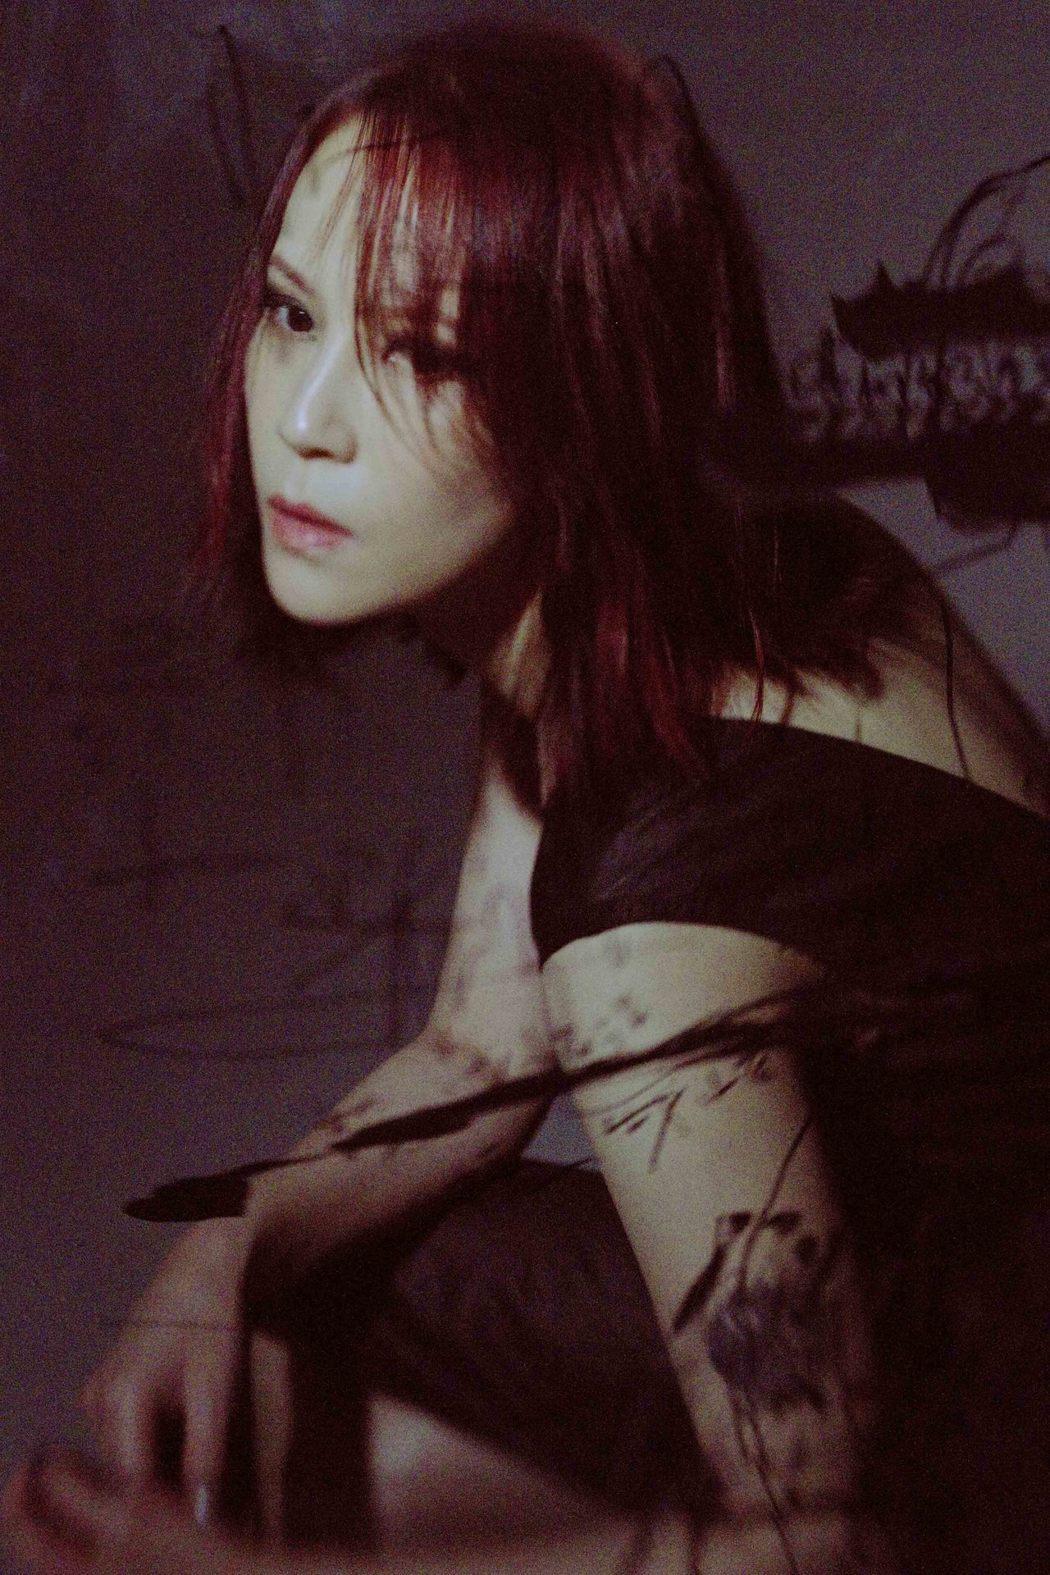 楊乃文推出新專輯「越美麗越看不見」。圖/亞神提供